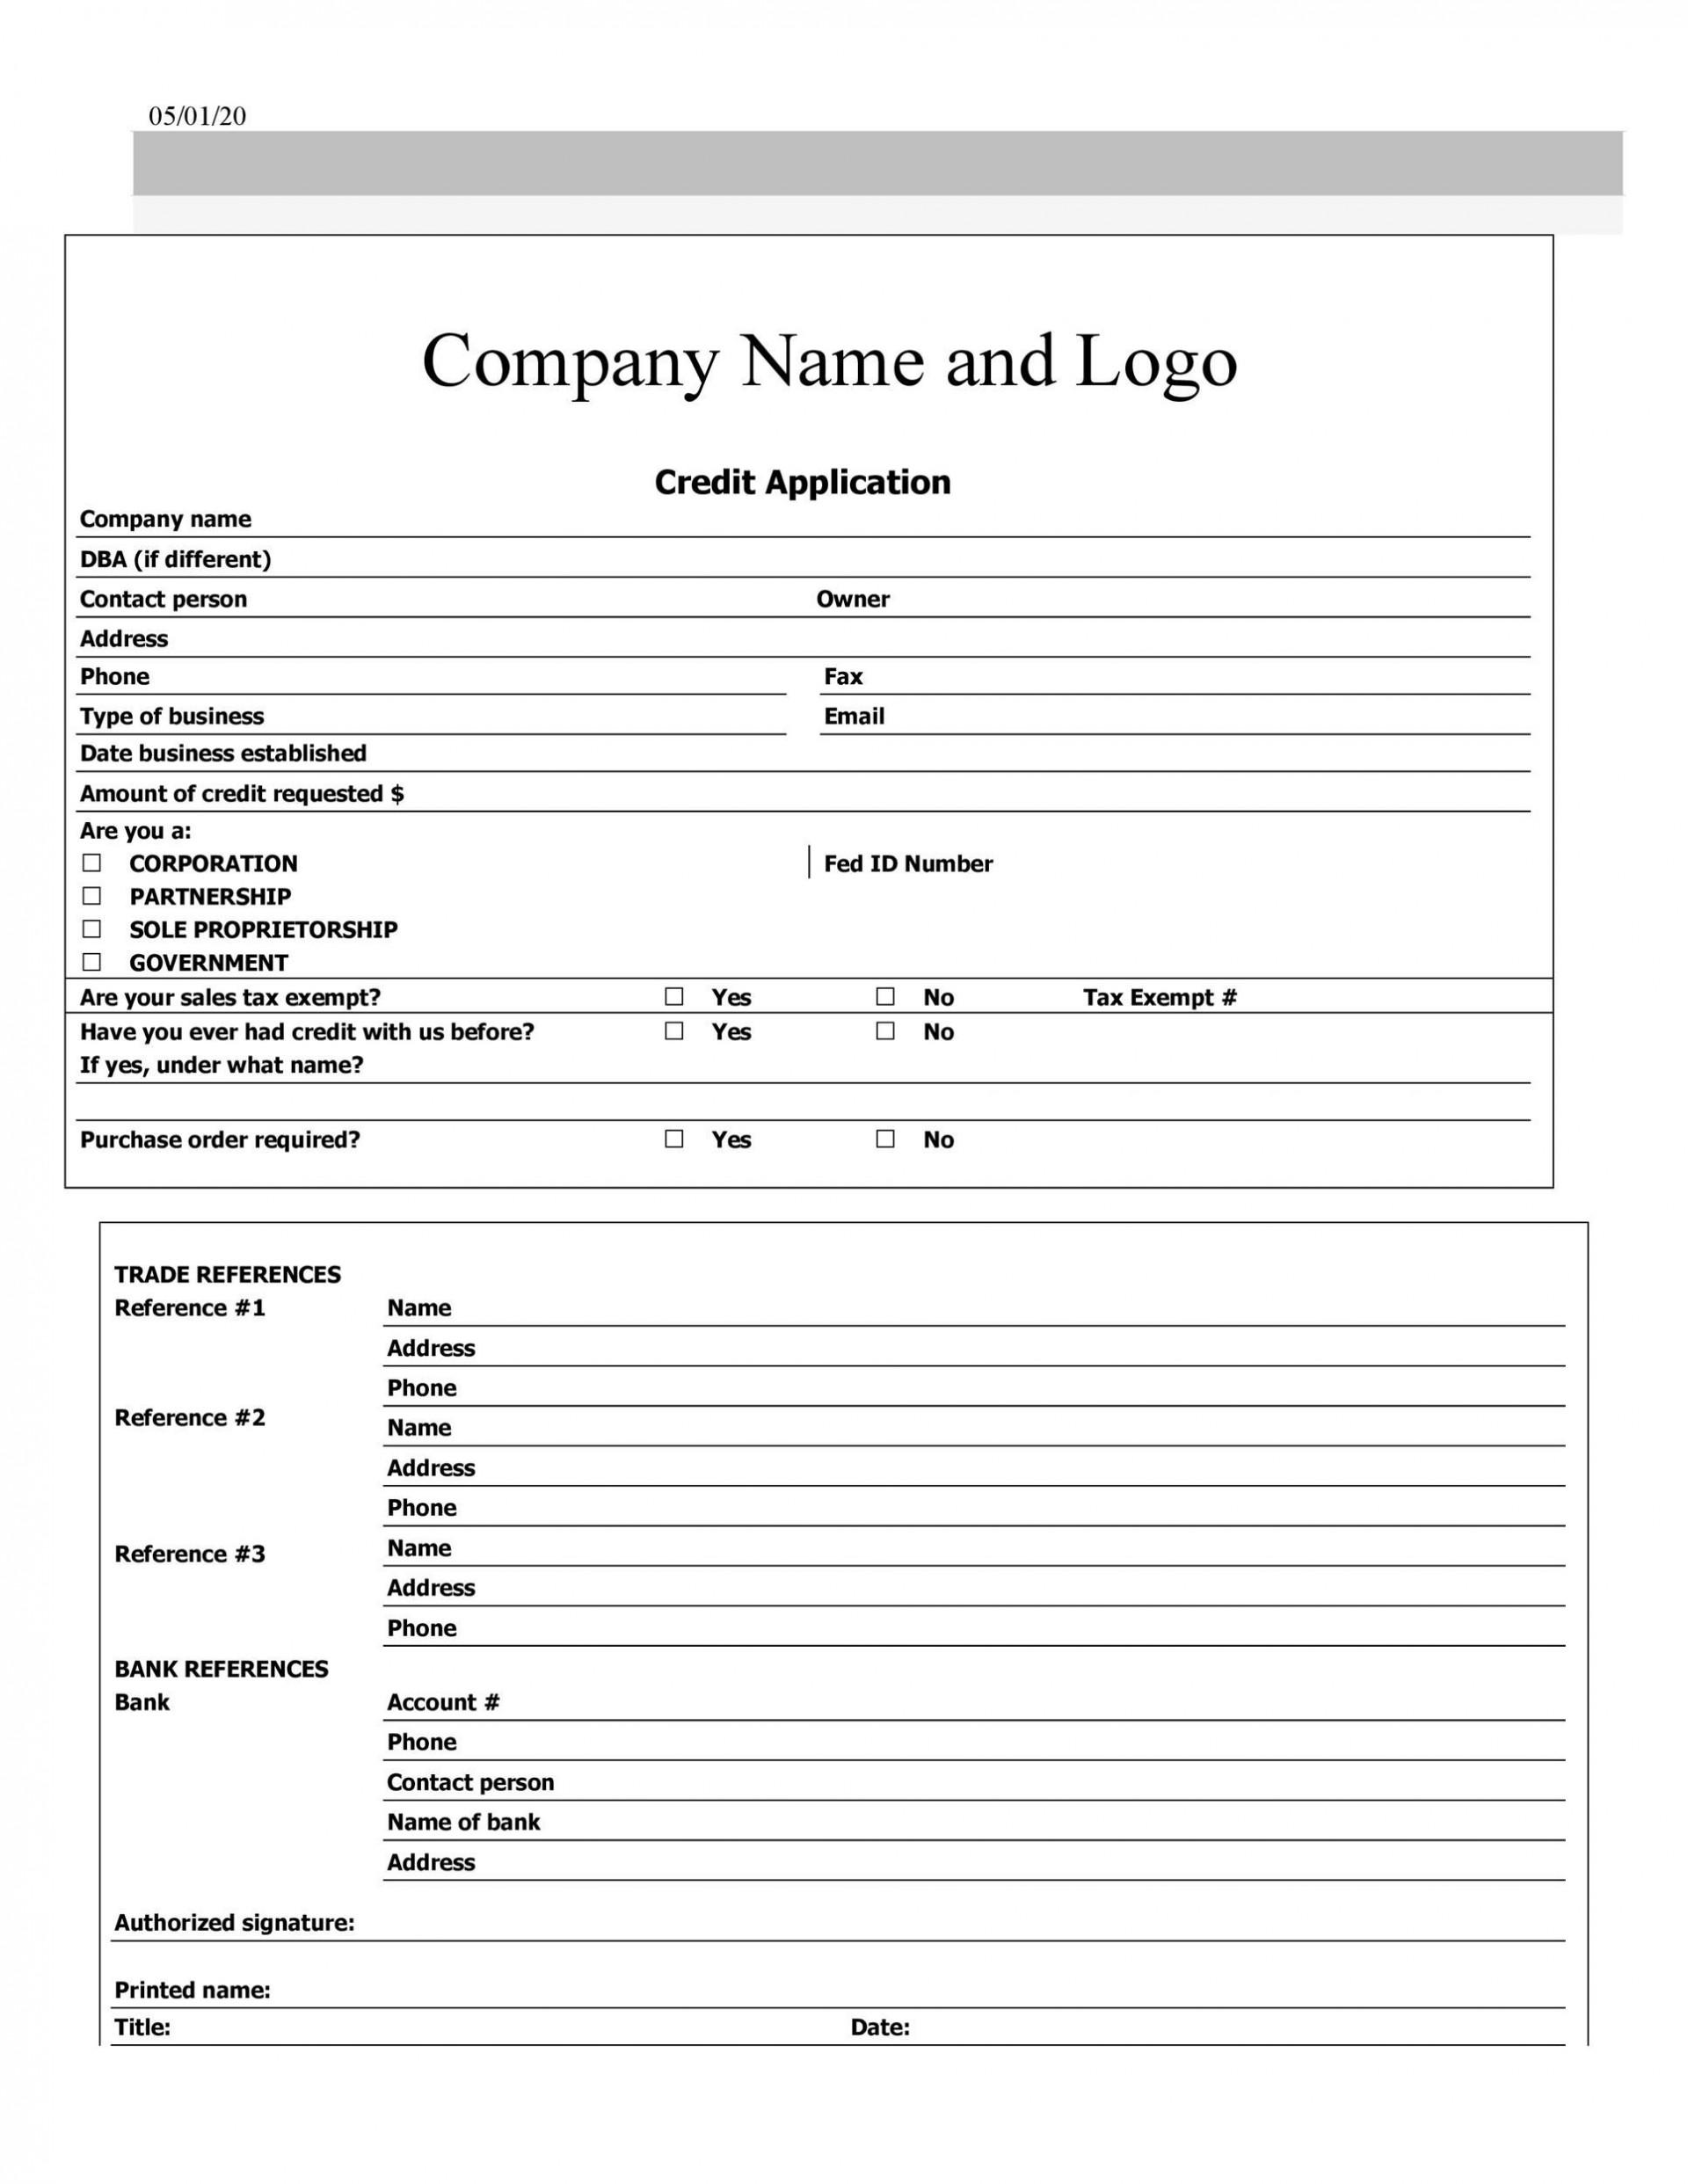 009 Unique Busines Credit Application Form Free Photo  Template1920